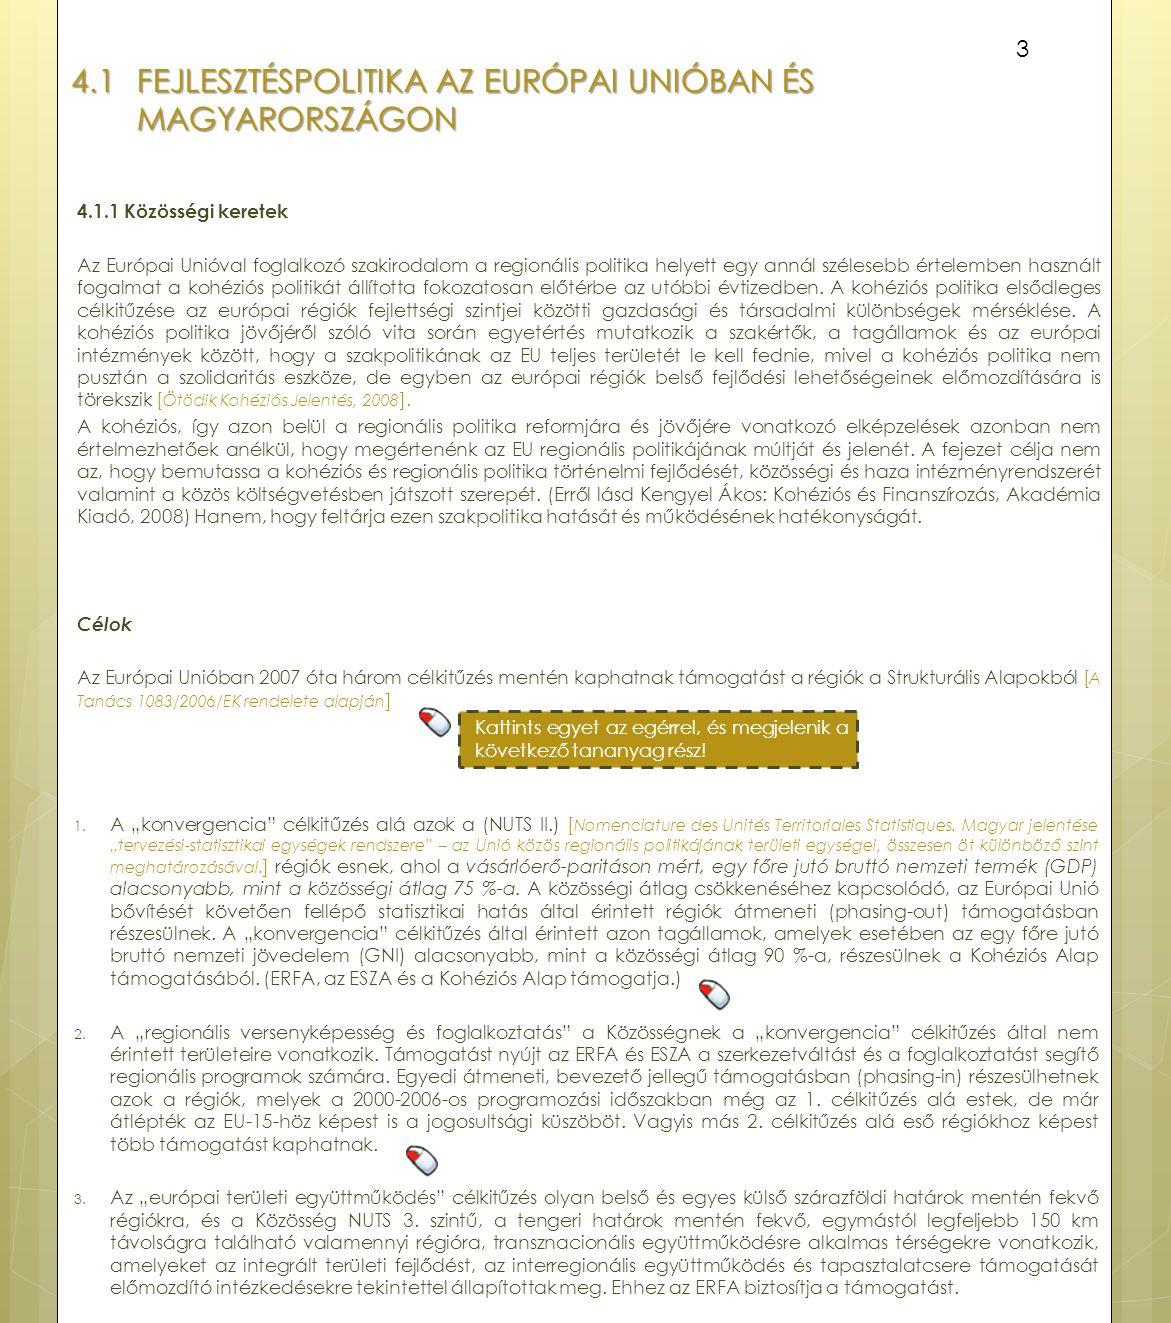 4.1 FEJLESZTÉSPOLITIKA AZ EURÓPAI UNIÓBAN ÉS MAGYARORSZÁGON 4.1.1 Közösségi keretek Az Európai Unióval foglalkozó szakirodalom a regionális politika h